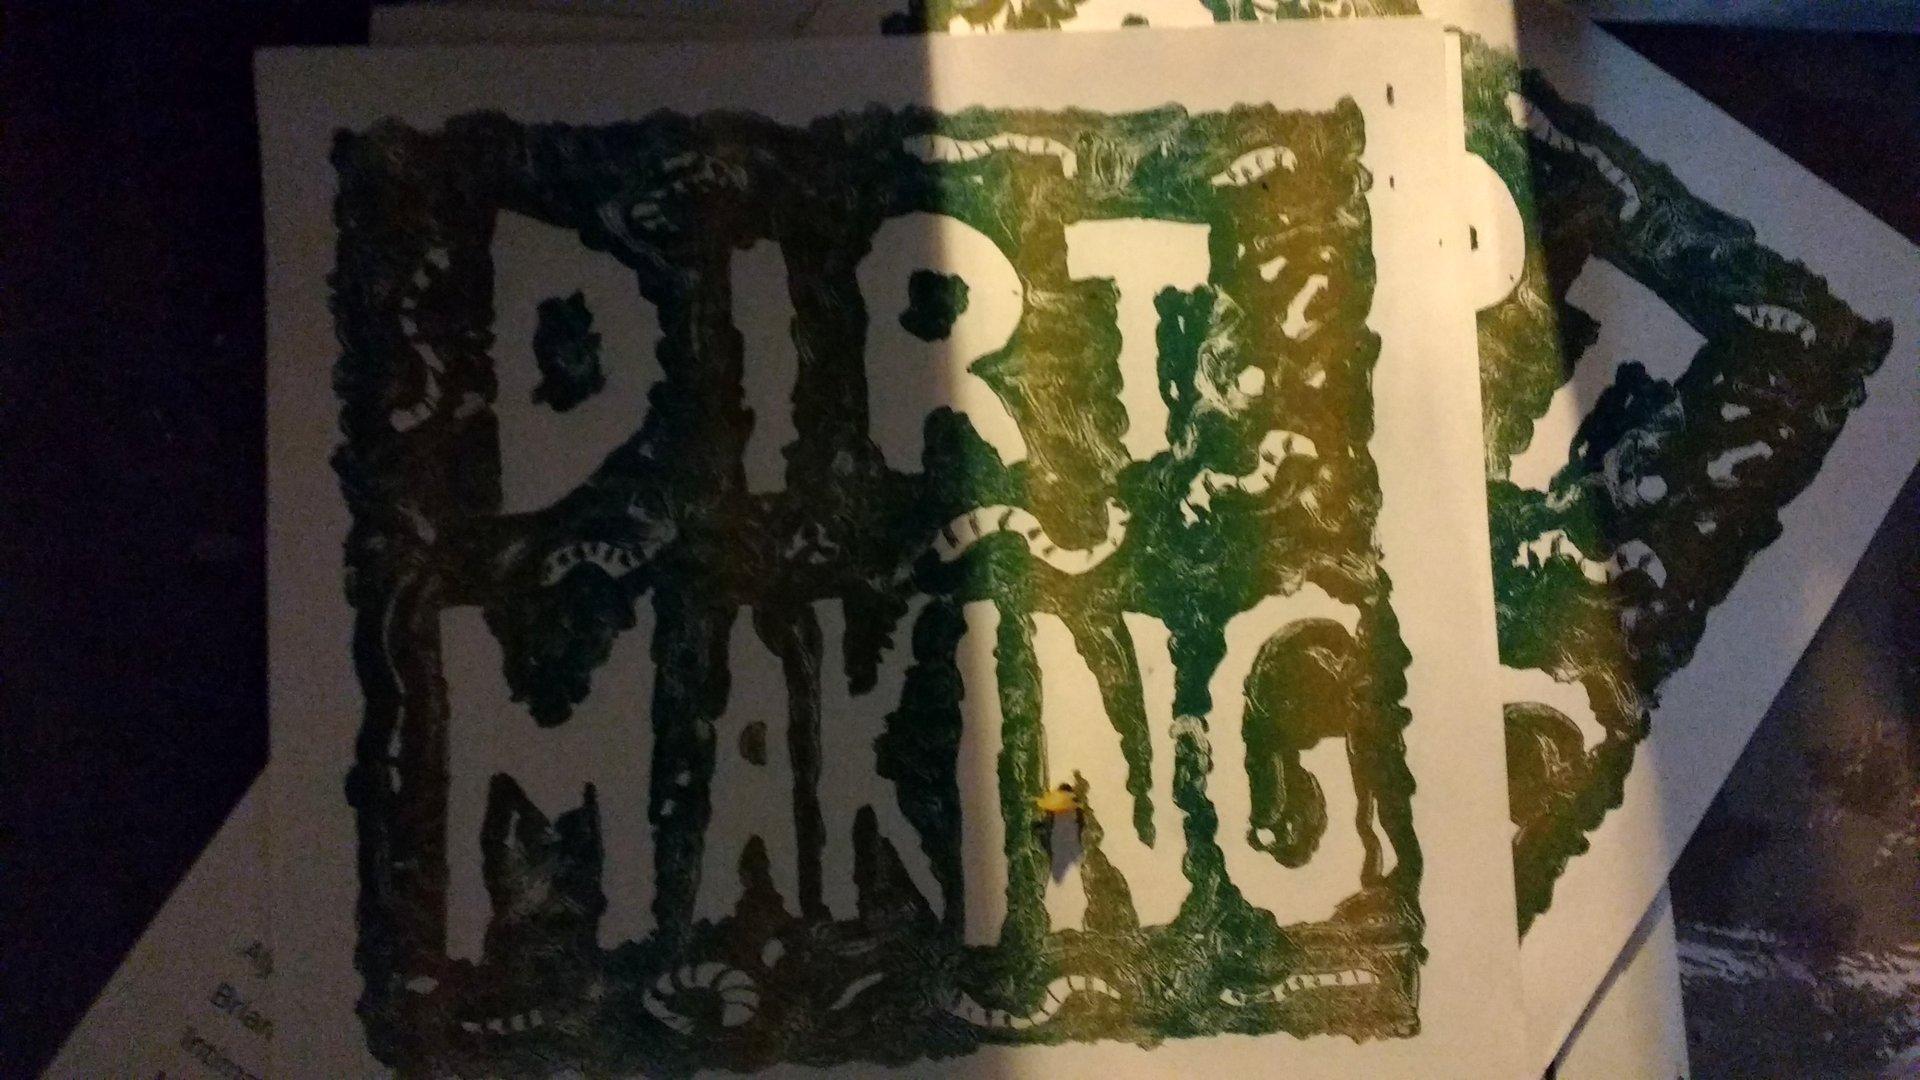 Ditrmaking poster